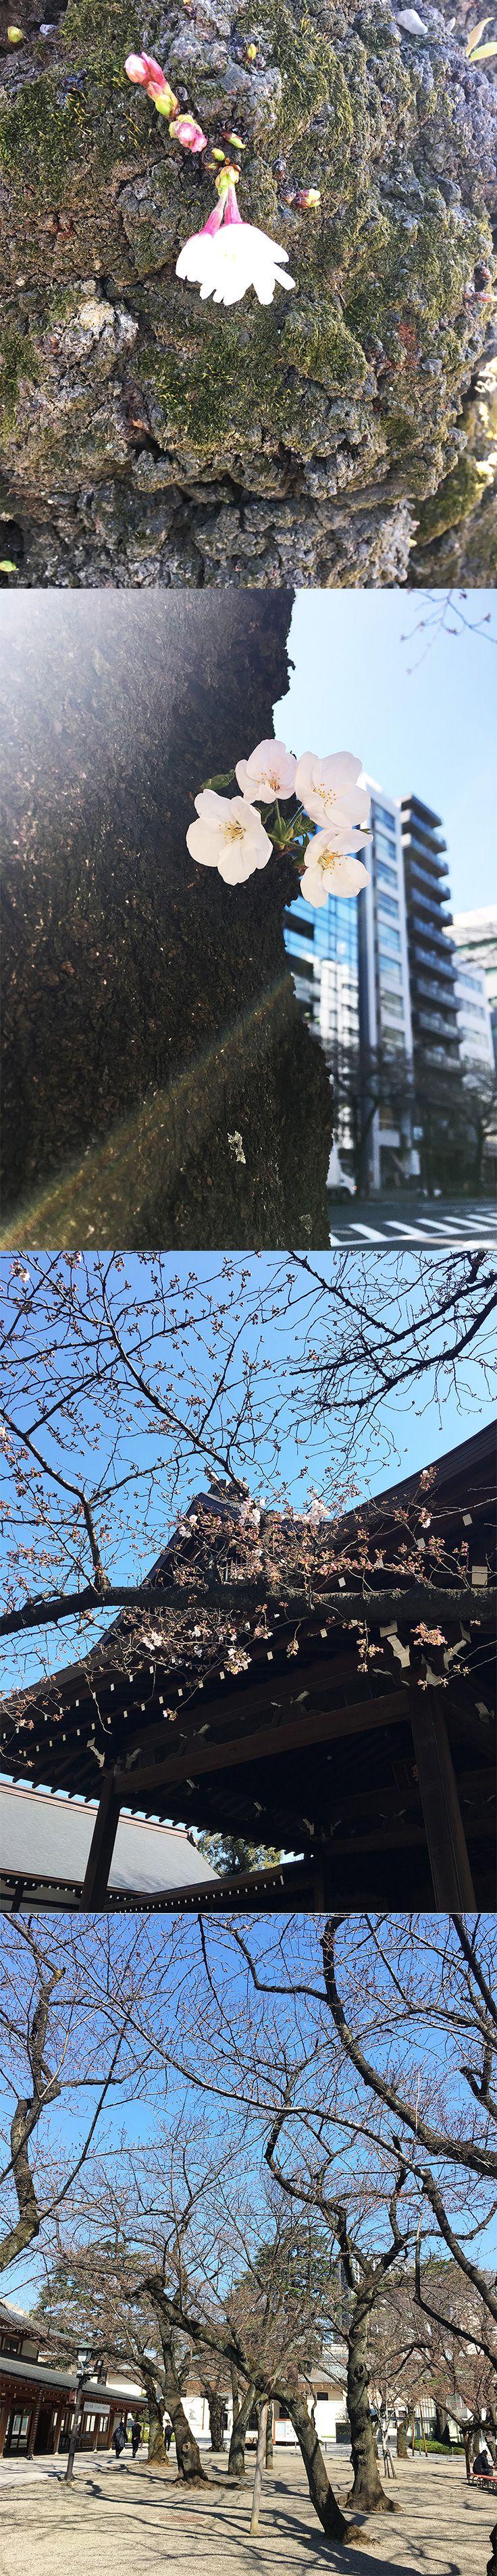 【編集者M】今日の桜のスナップです!靖国神社のつぶ子ちゃん1号は下を向きつつも可愛らしく咲いています靖国通りのつぶ子ちゃん2号はビルをバックに可愛らしく咲いていました標準木 はまだまだこれから他の木もまだ咲いてないので、今週末は花見の時期ではないのかも?